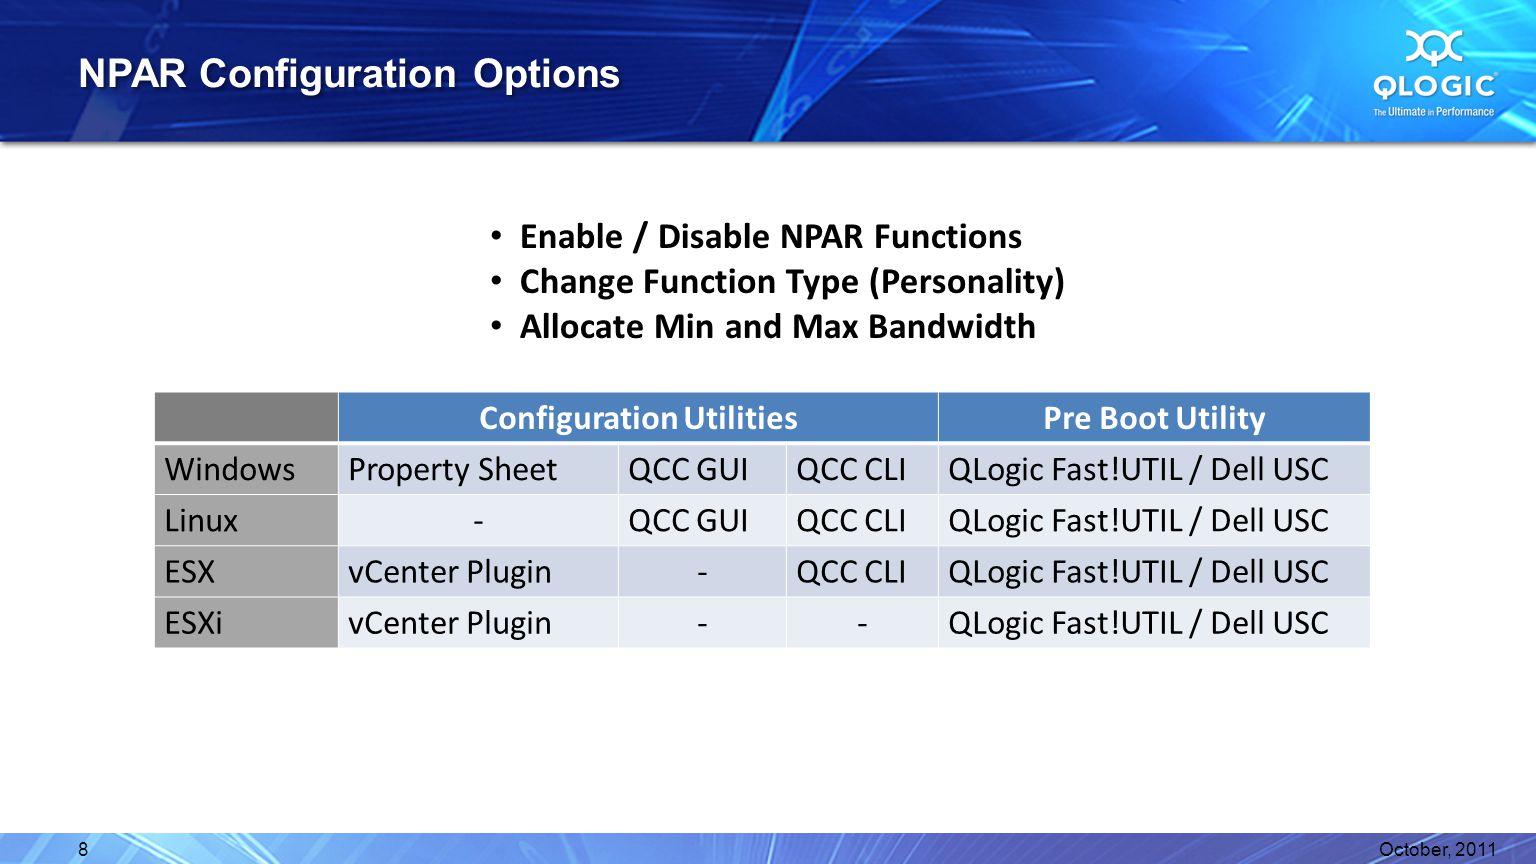 NPAR Configuration Options